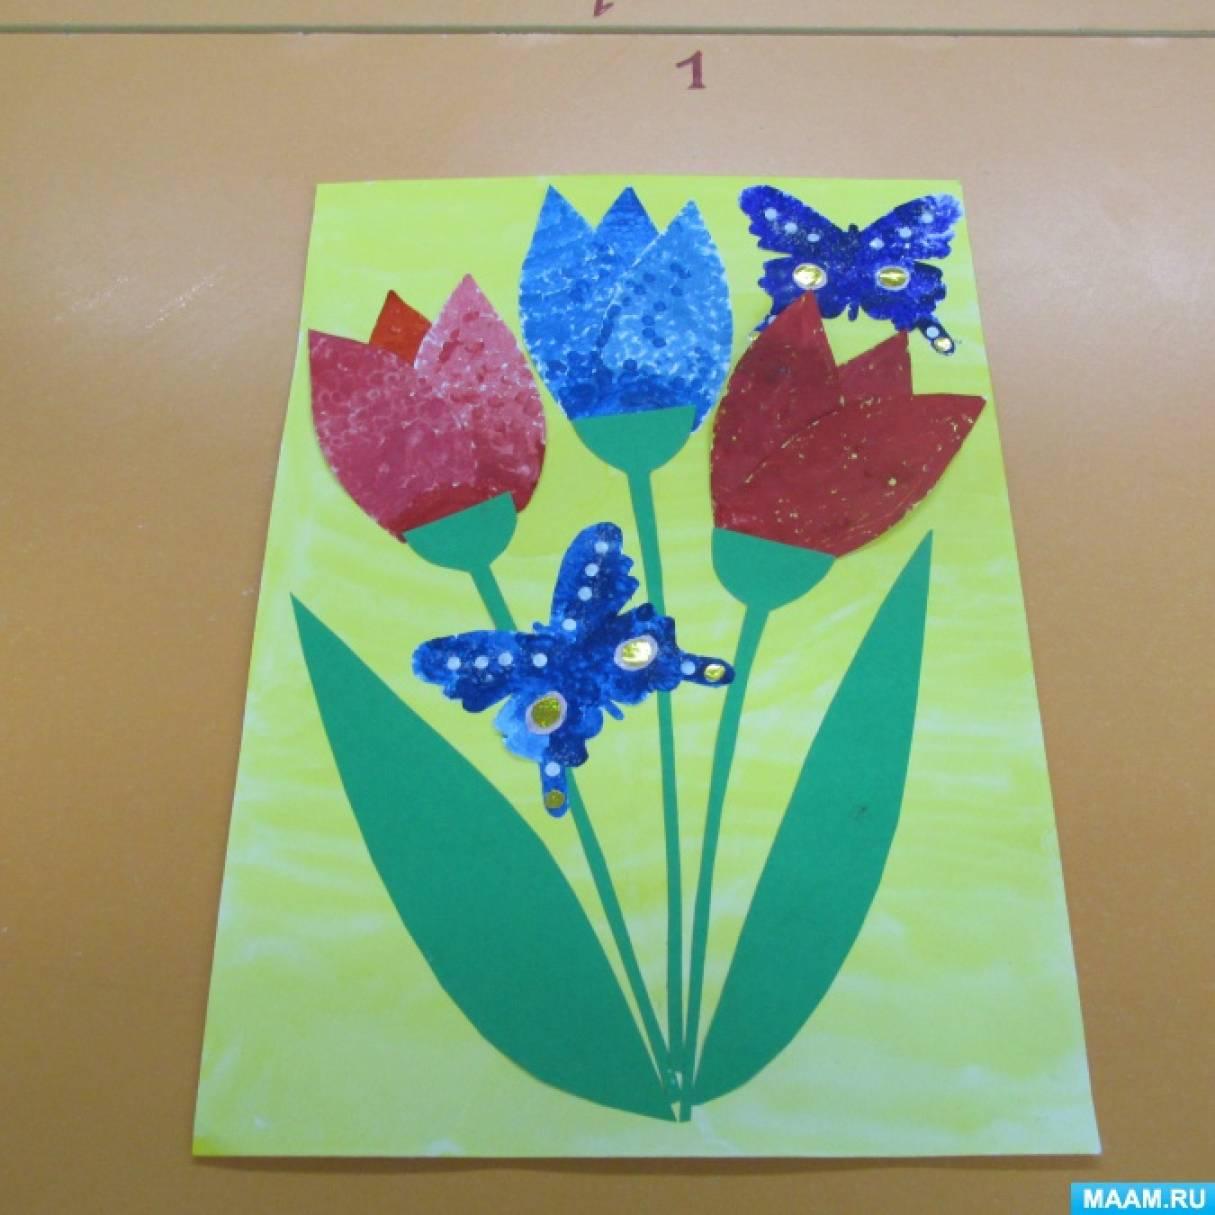 Картинках, открытка своими руками 1 класс презентация